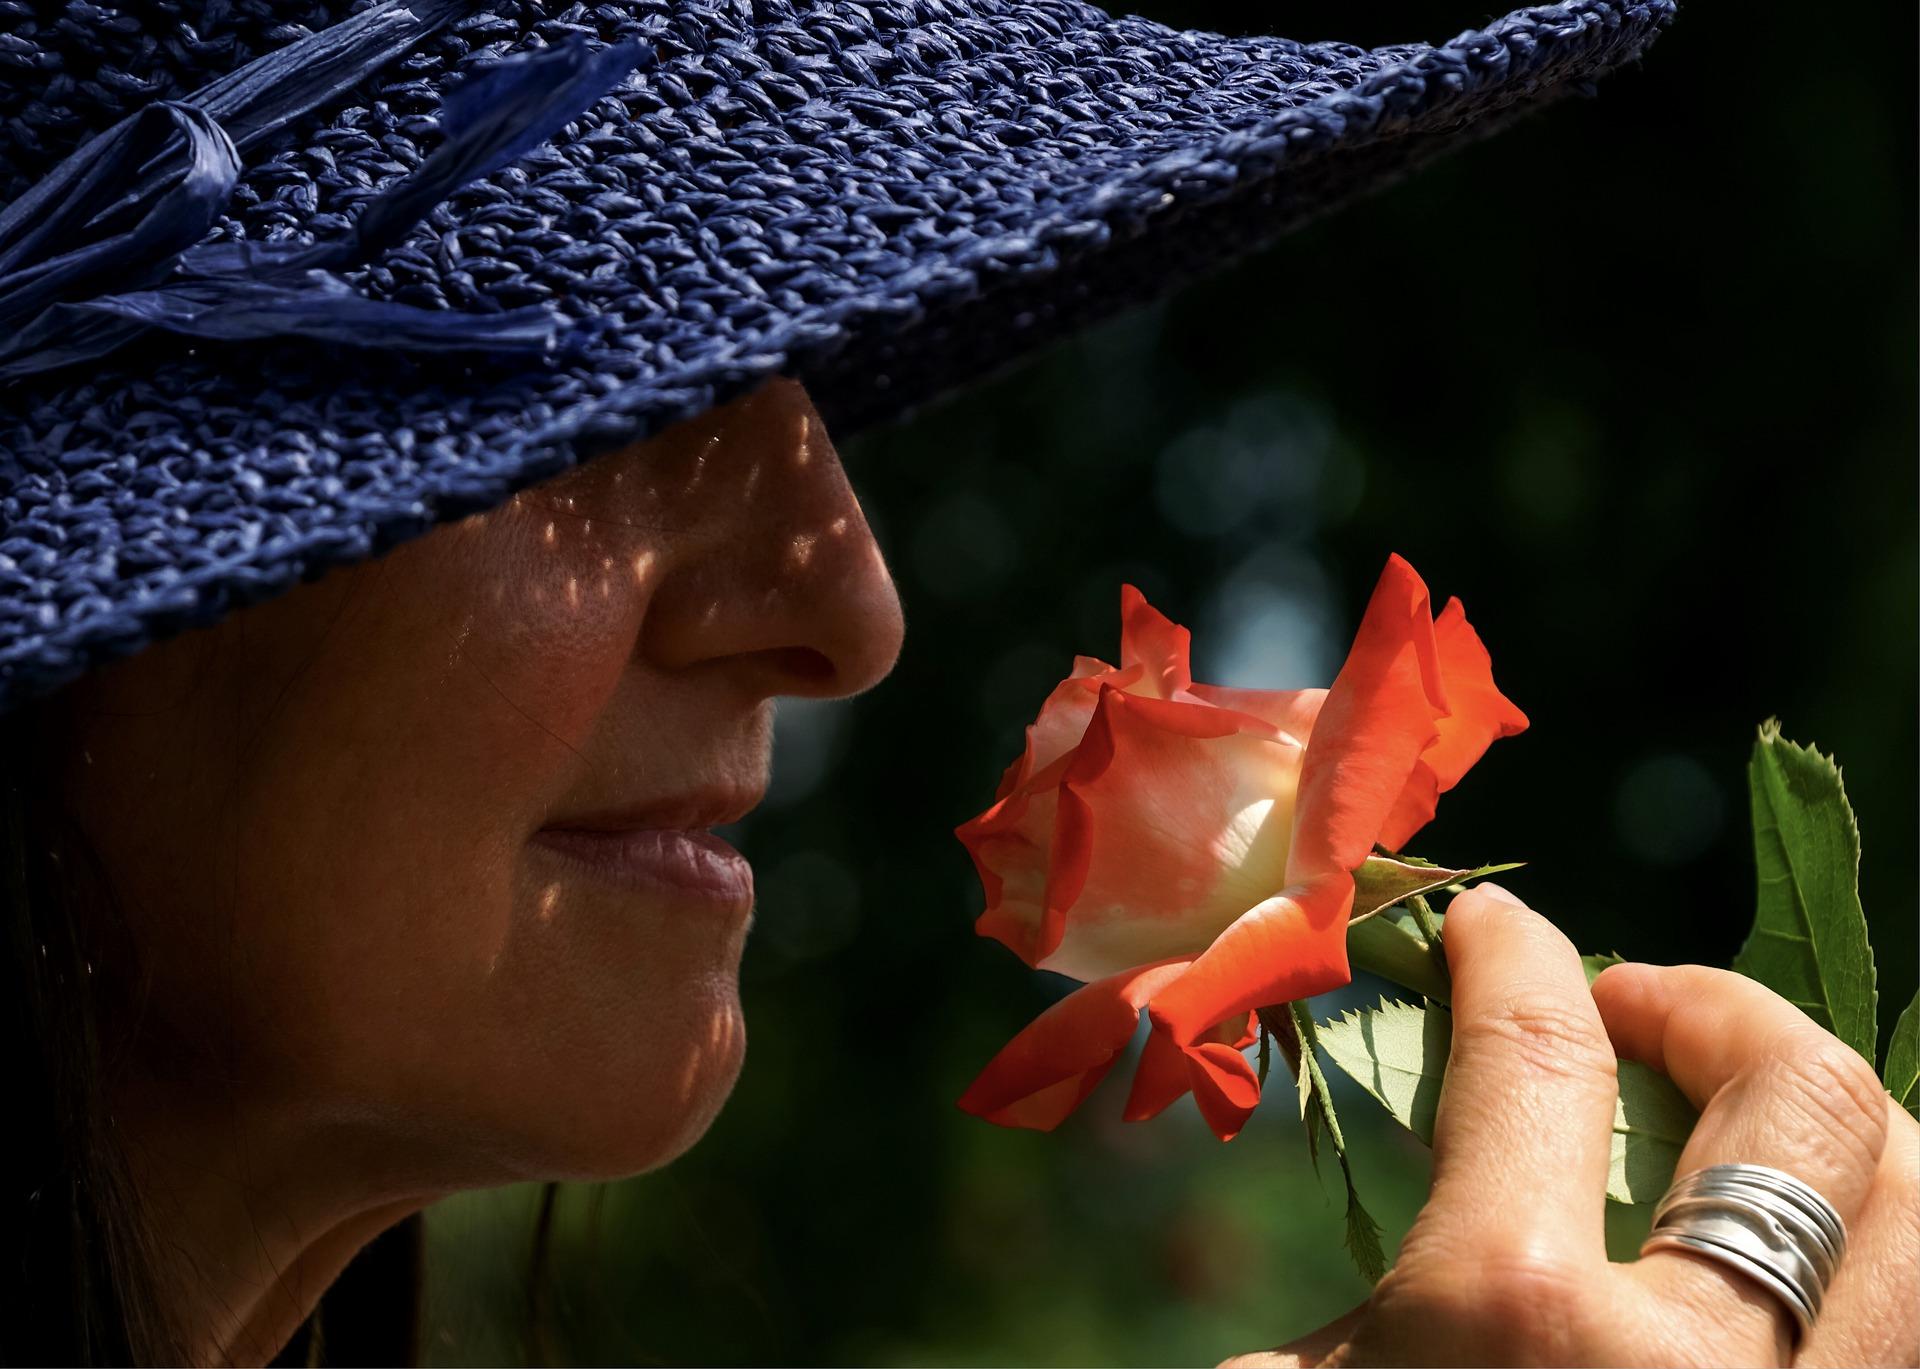 El olor altera los patrones neuronales de la memoria